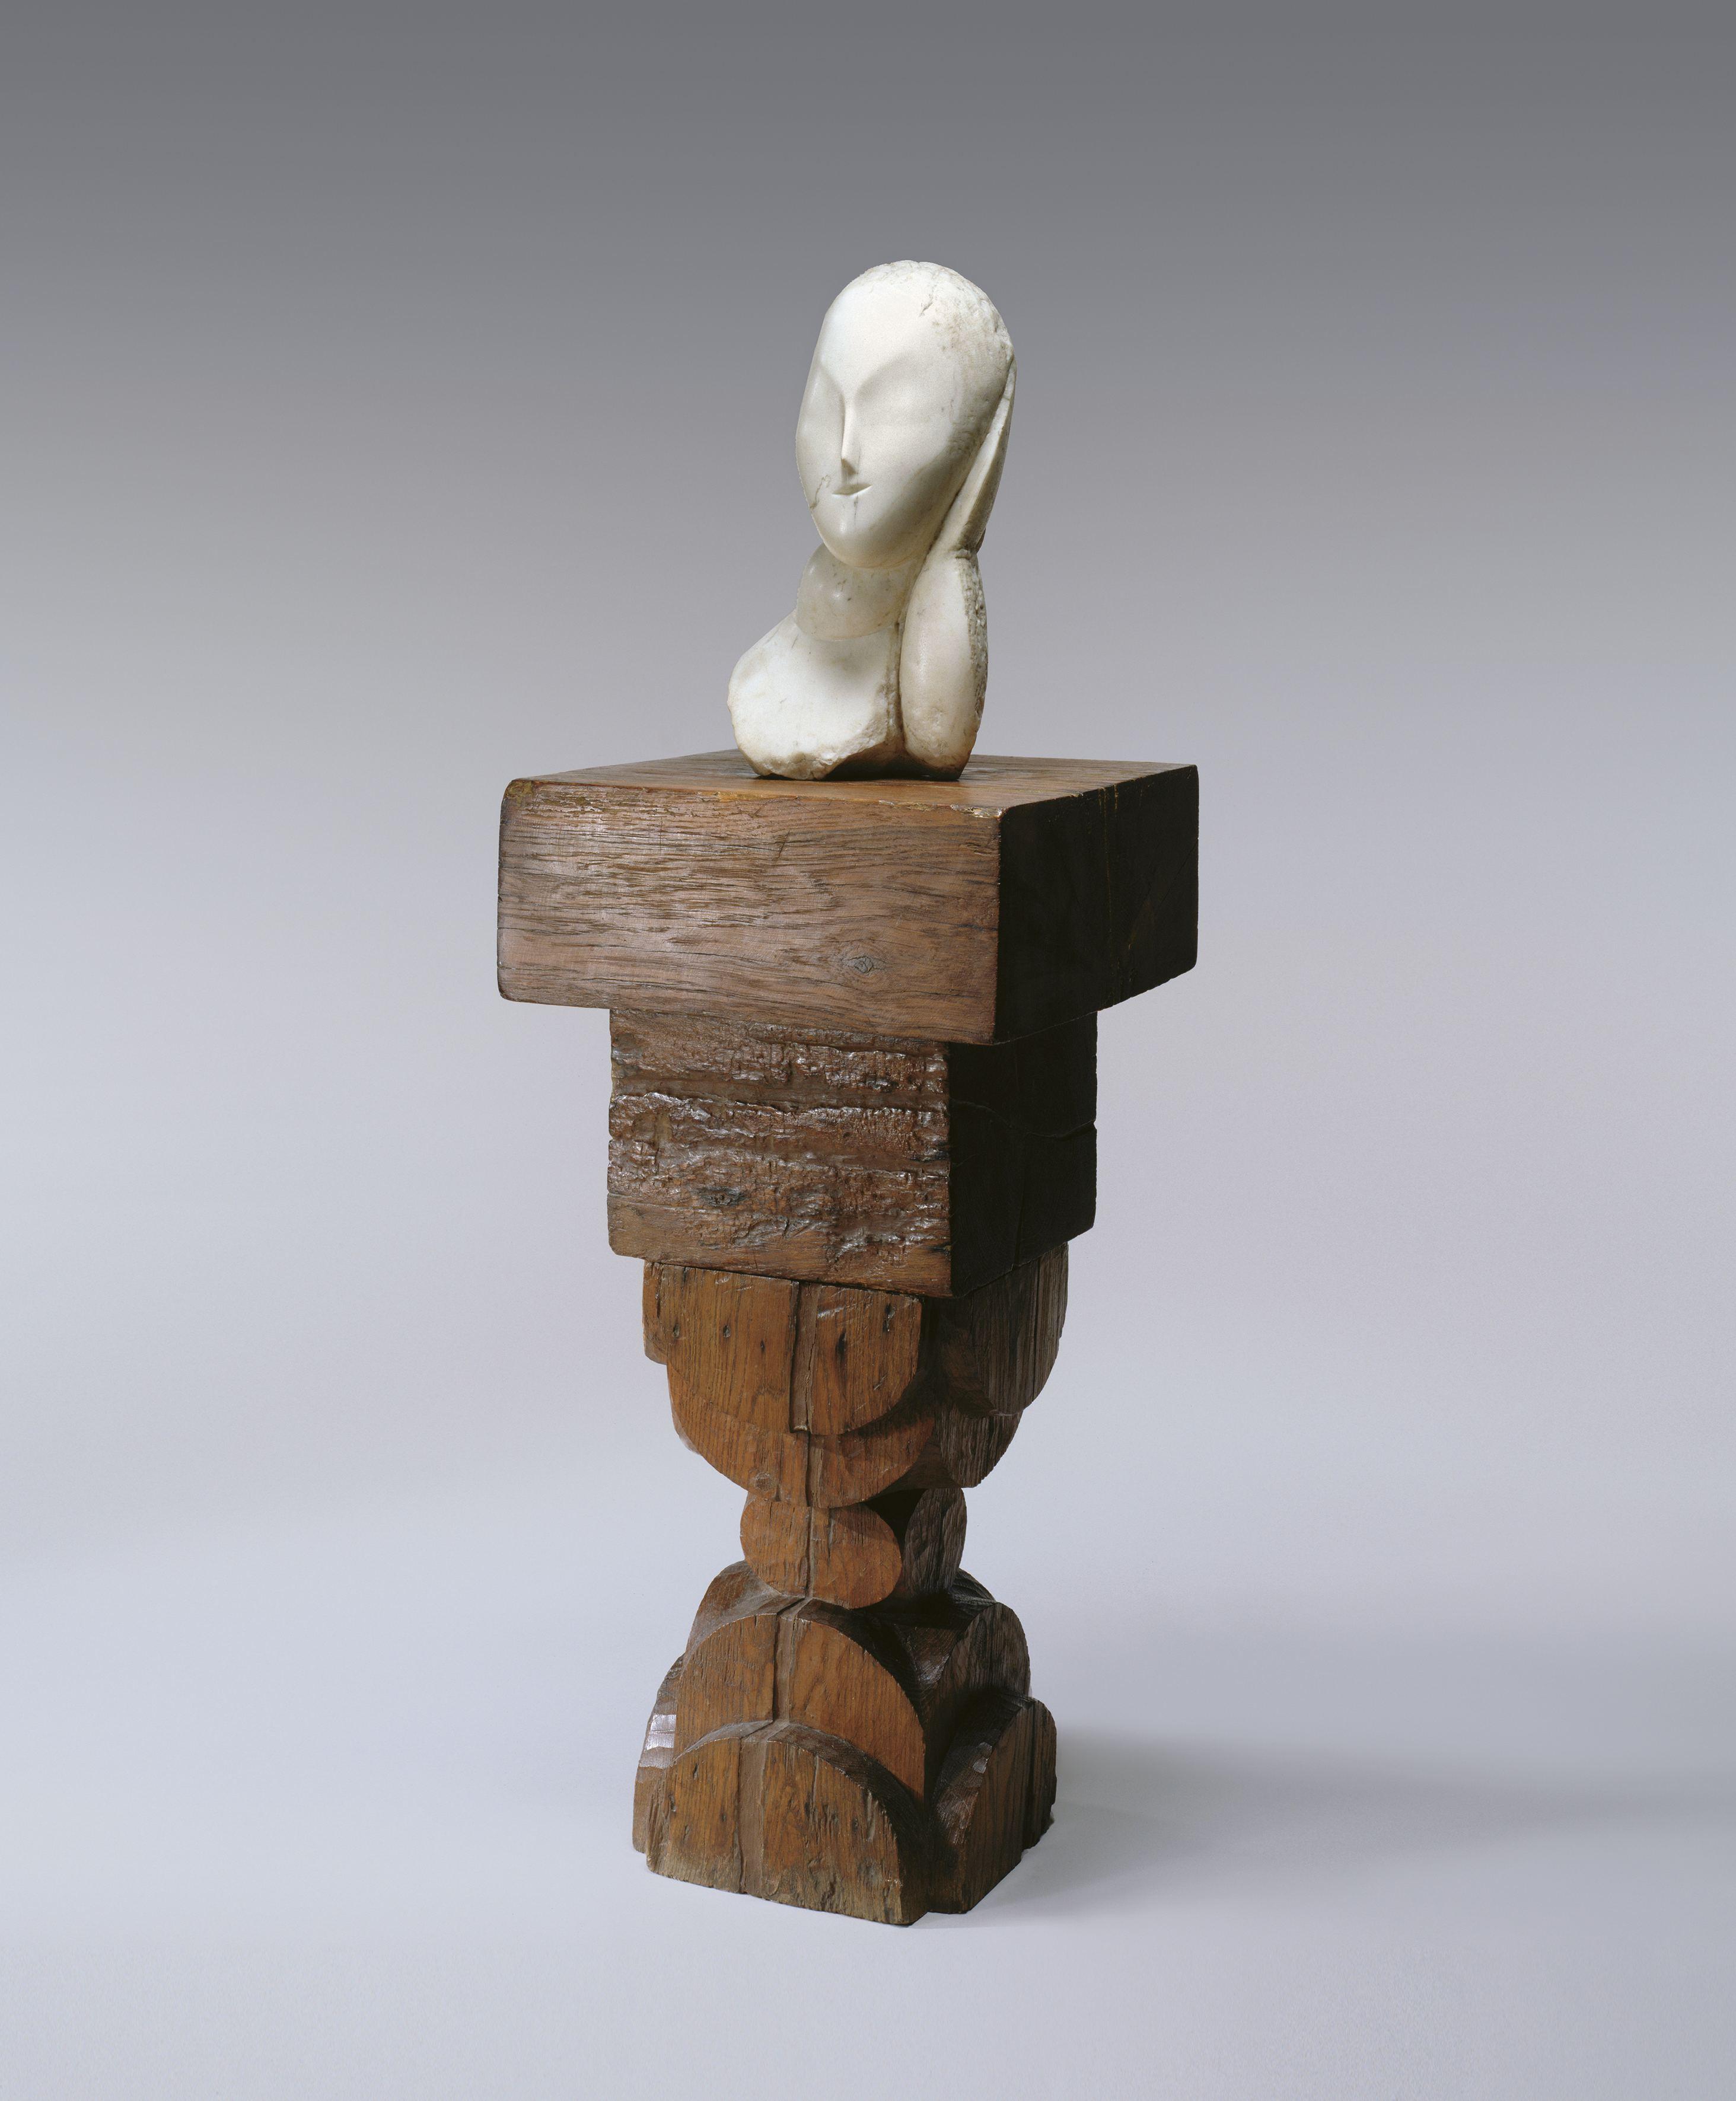 Une muse, marbre blanc (45 x 23 x 17 cm), socle en bois de chêne